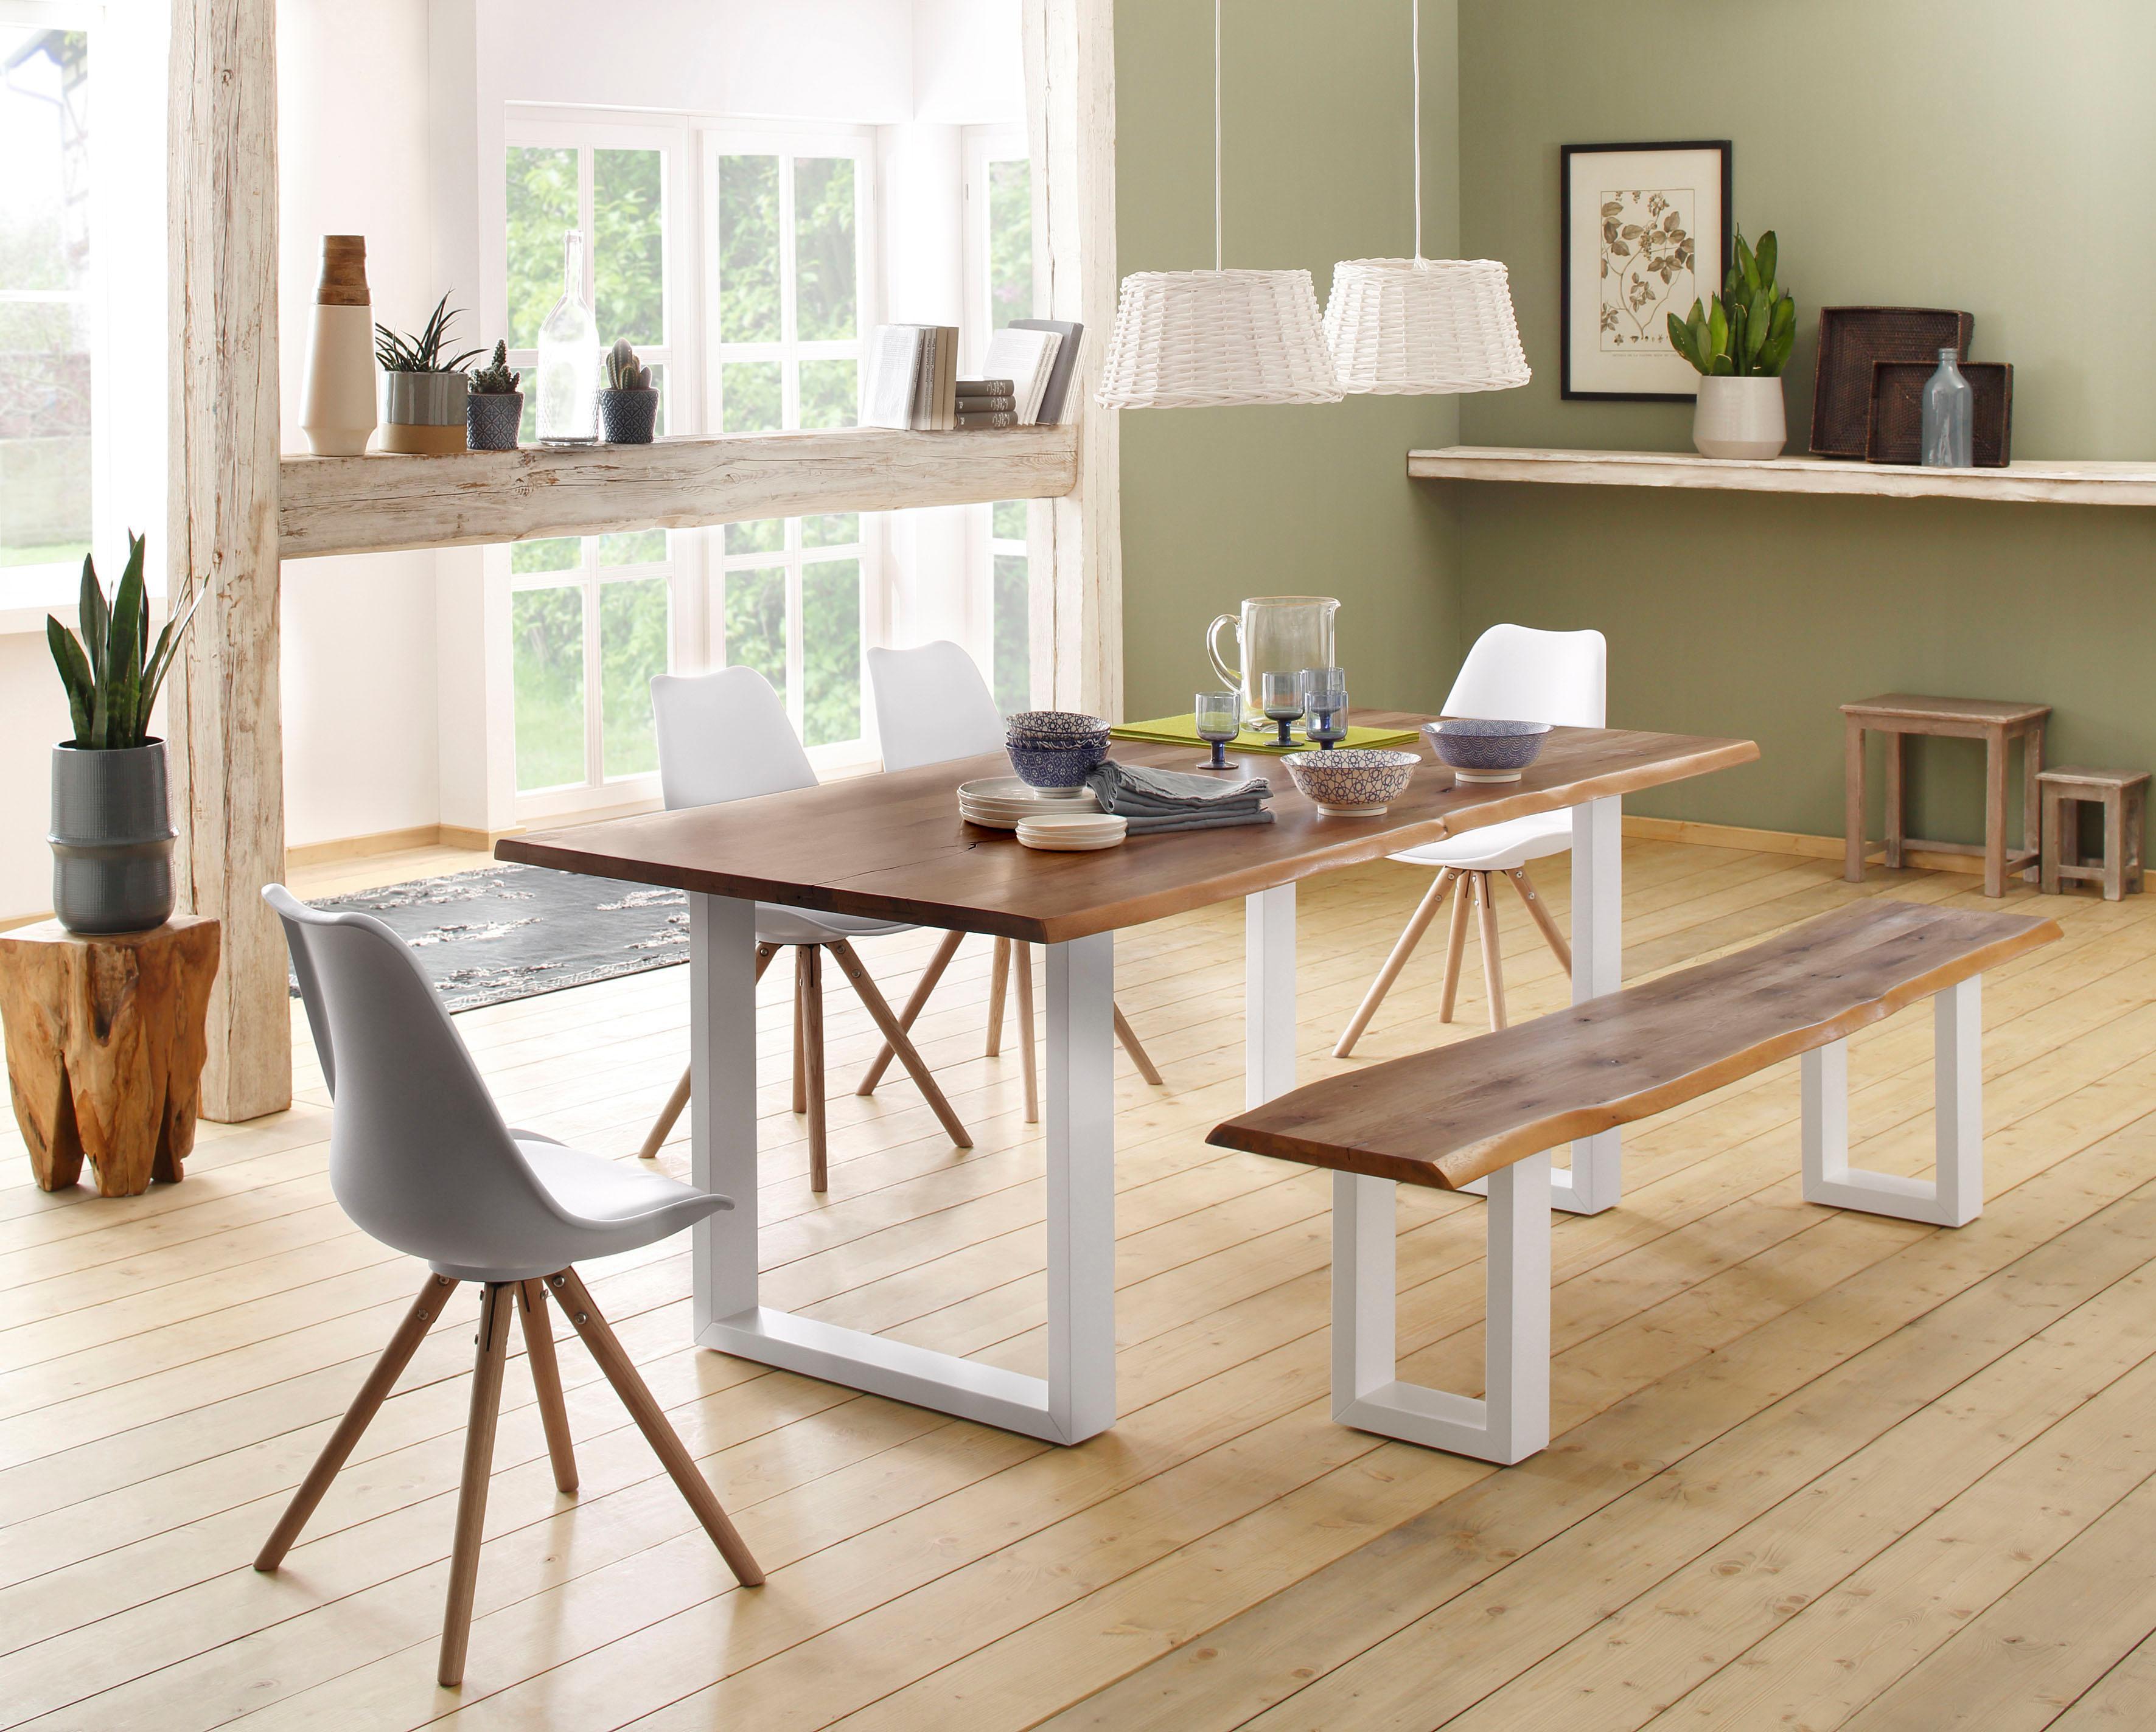 Home affaire Tisch Lagos (Set) bestehend aus dem Micala Esstisch Micala Bank und 4 Brighton Stühlen